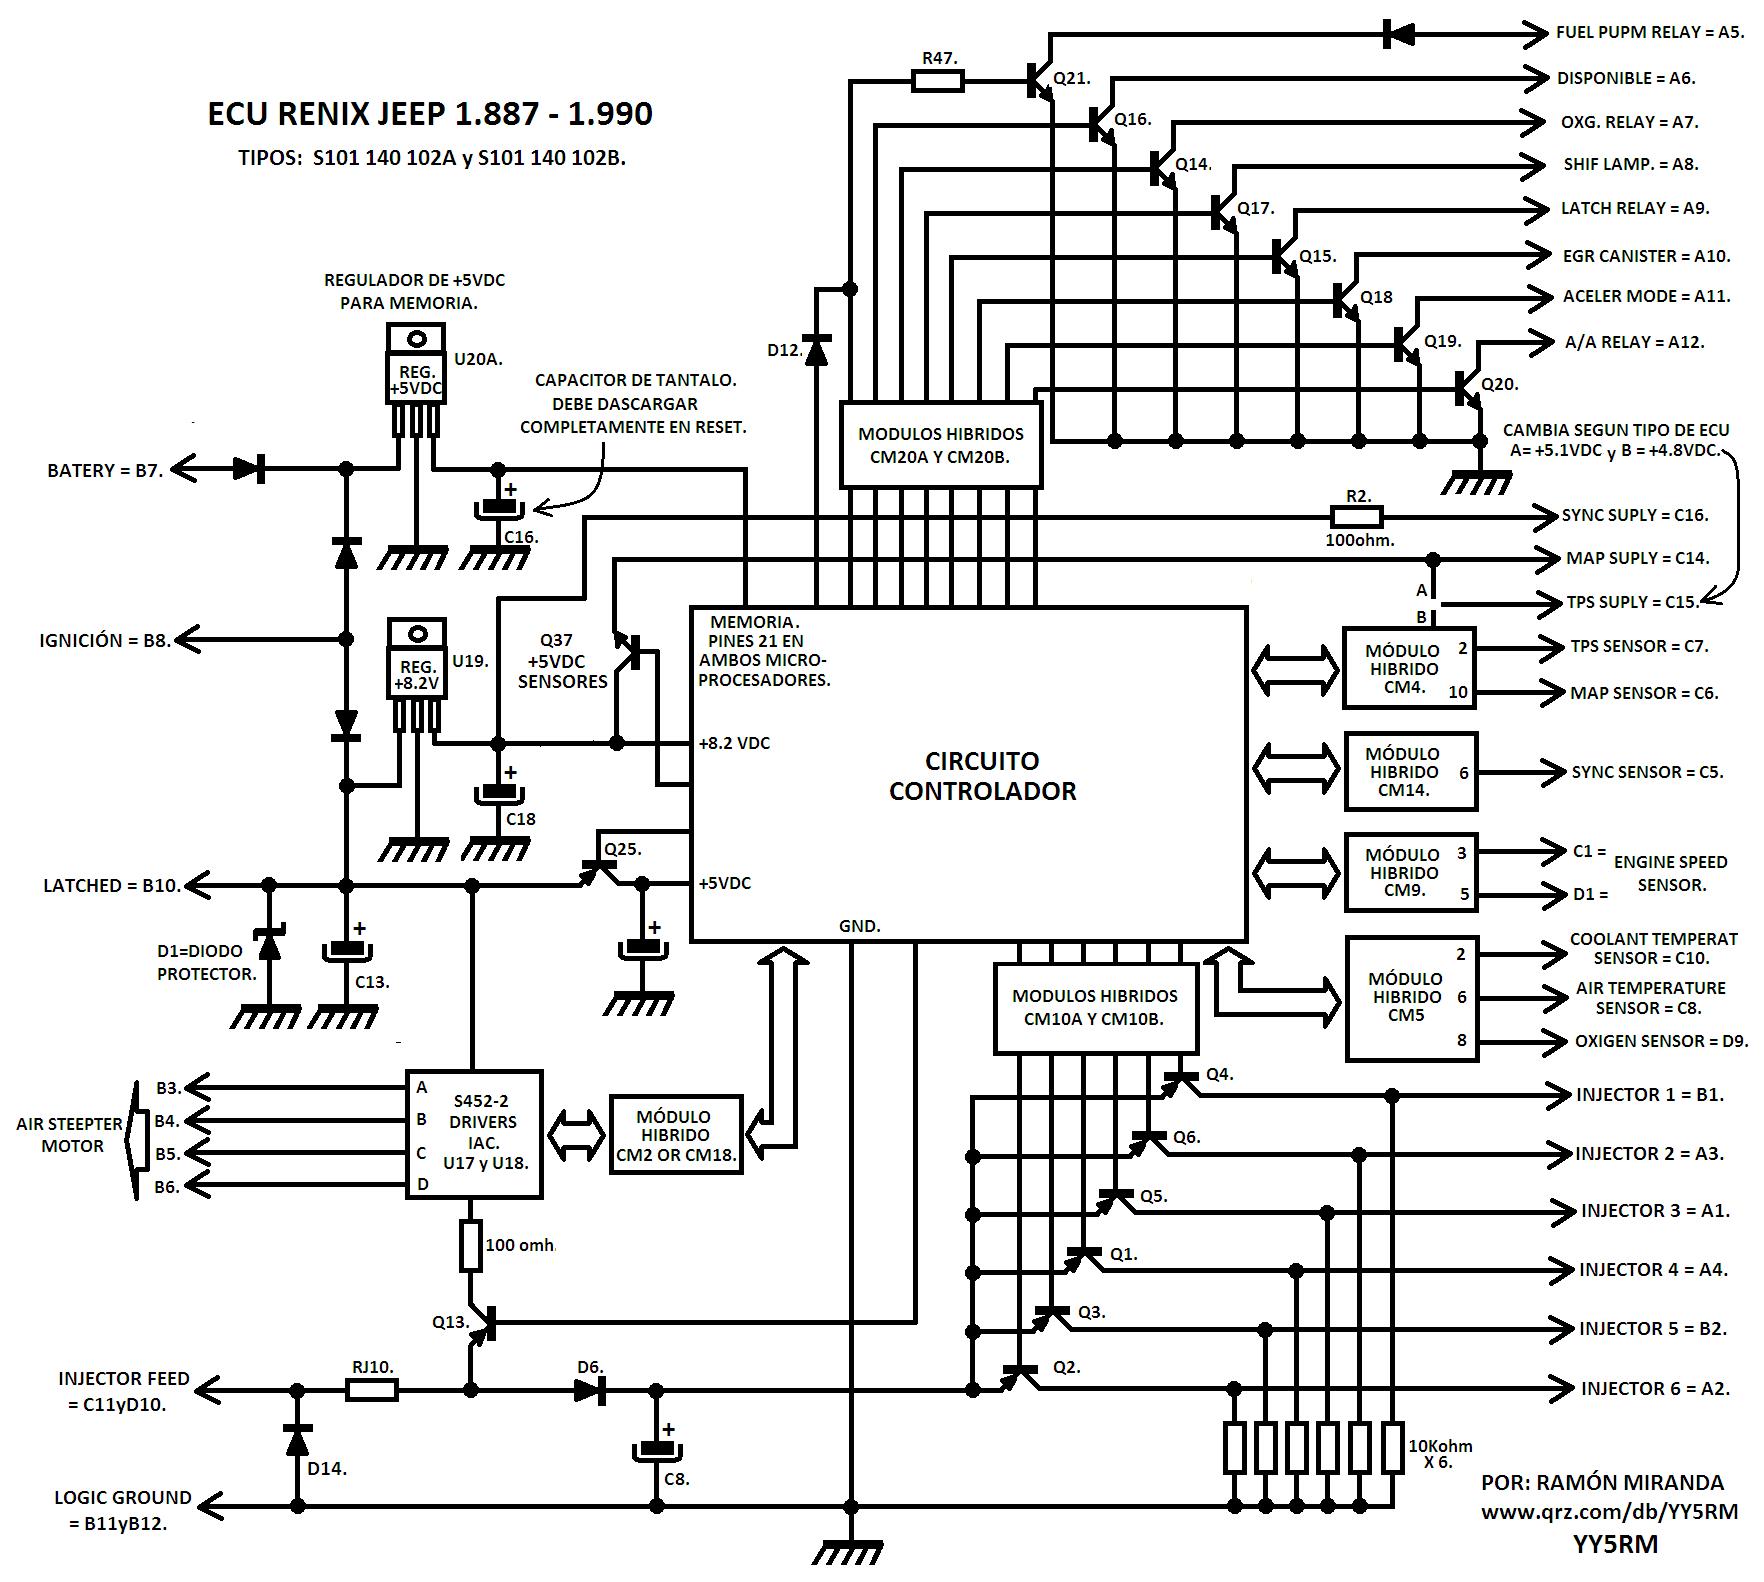 Imagenes Diagramas Y Archivo Del Sitema Renix Jeep Xj 88 90